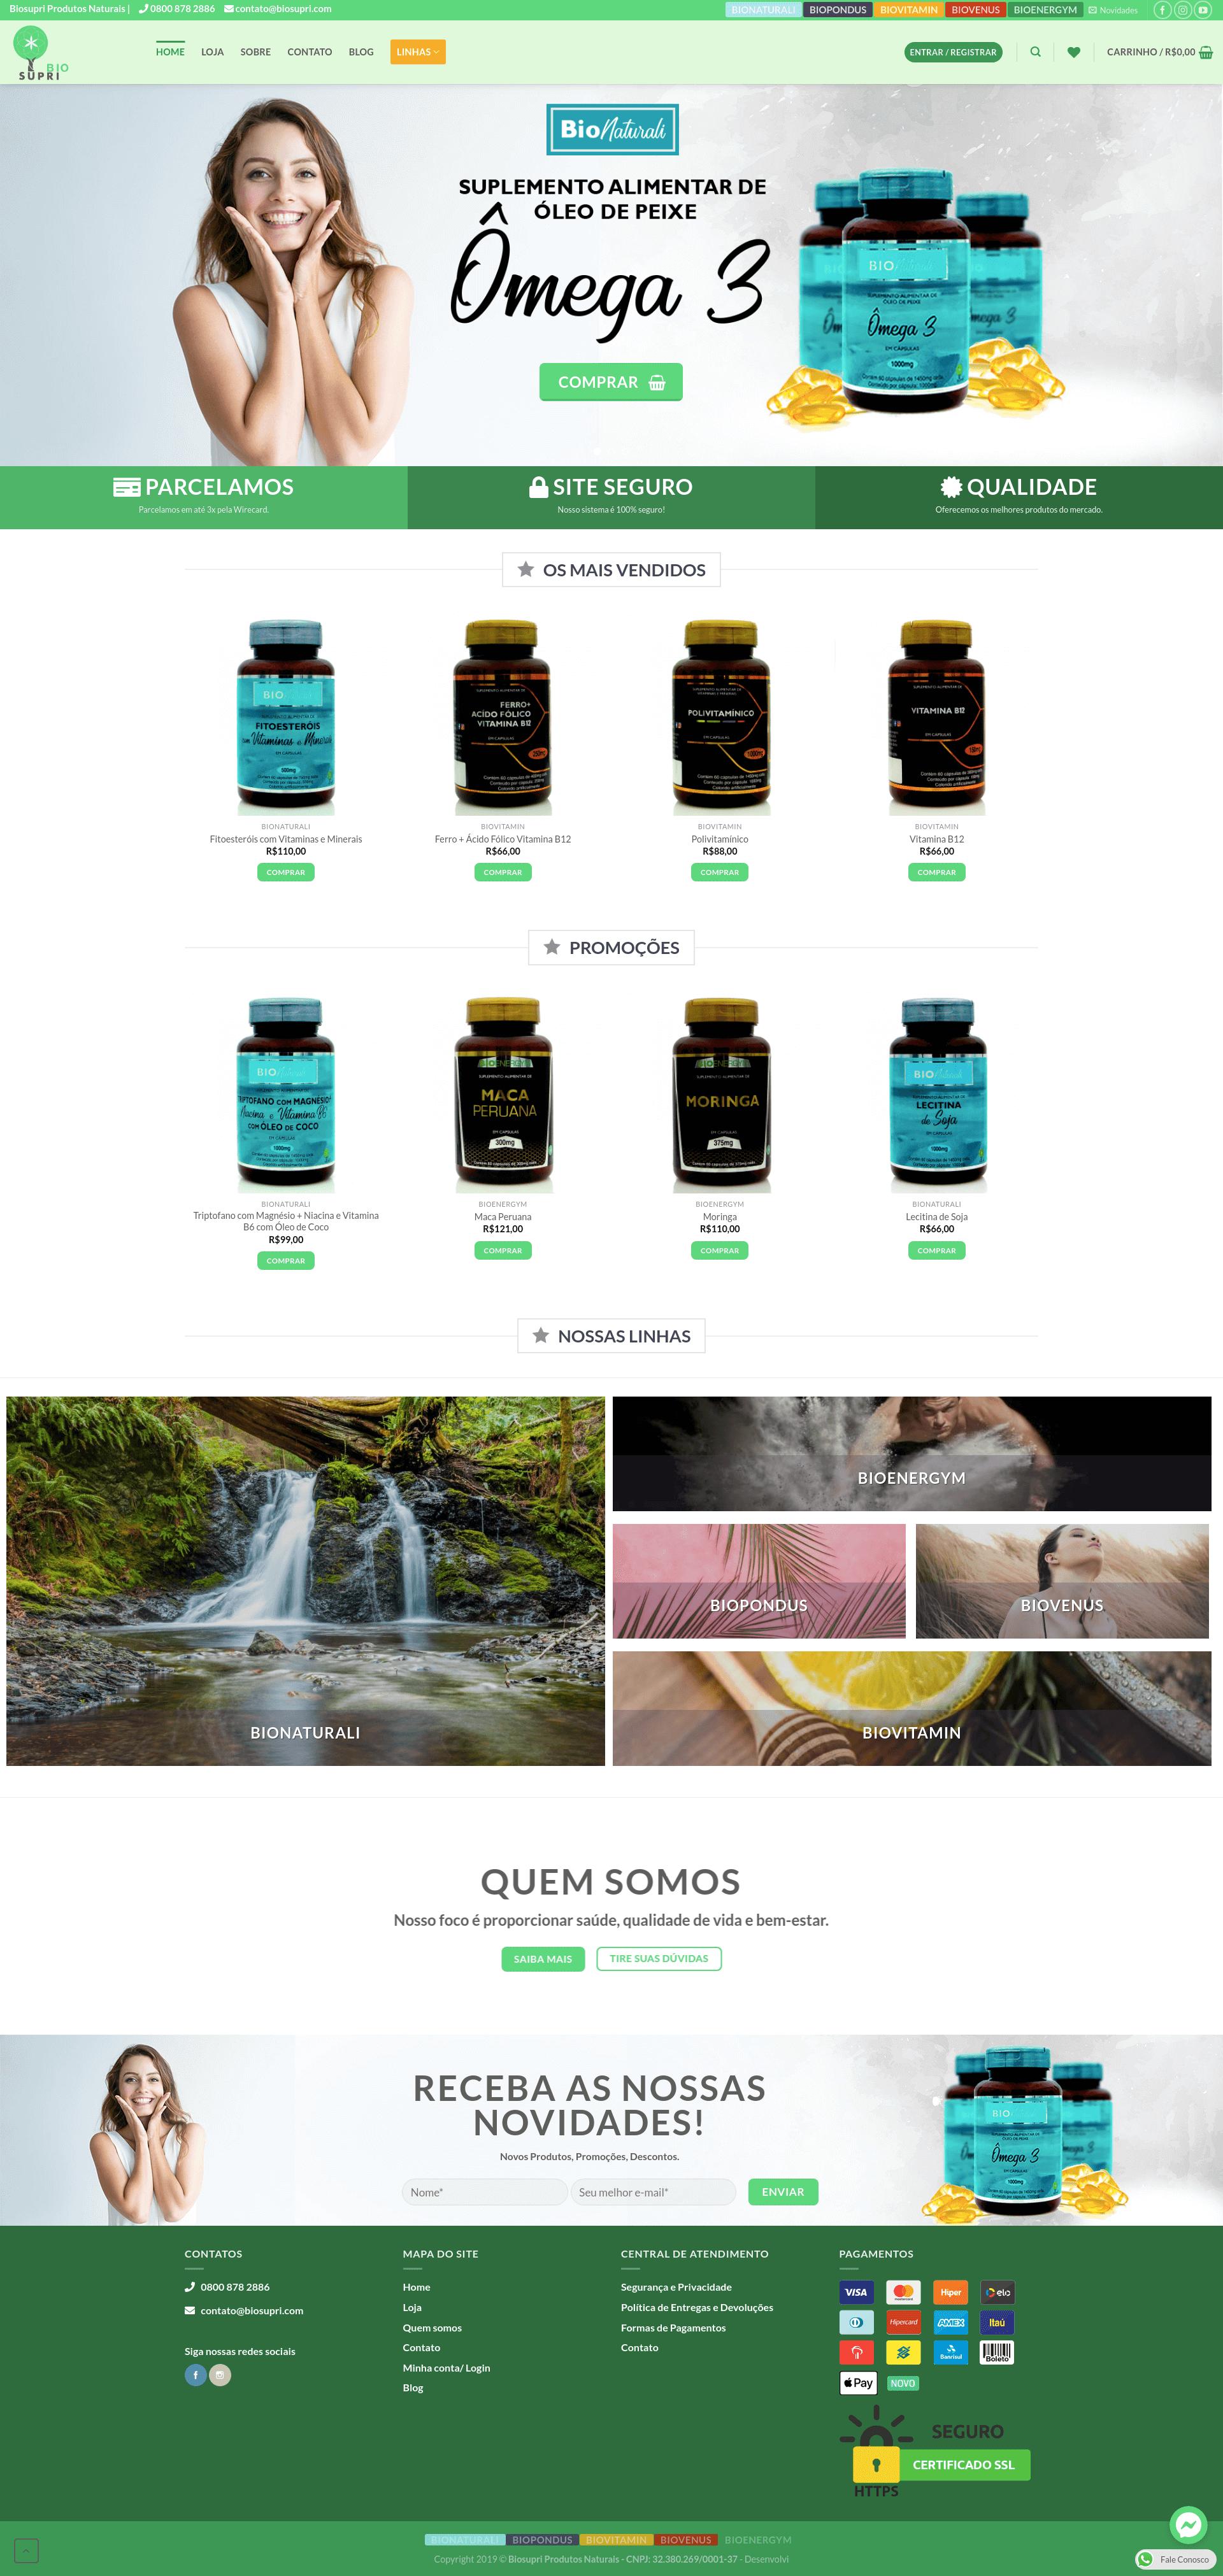 BioSupri Produtos Naturais E-commerce Ômega 3